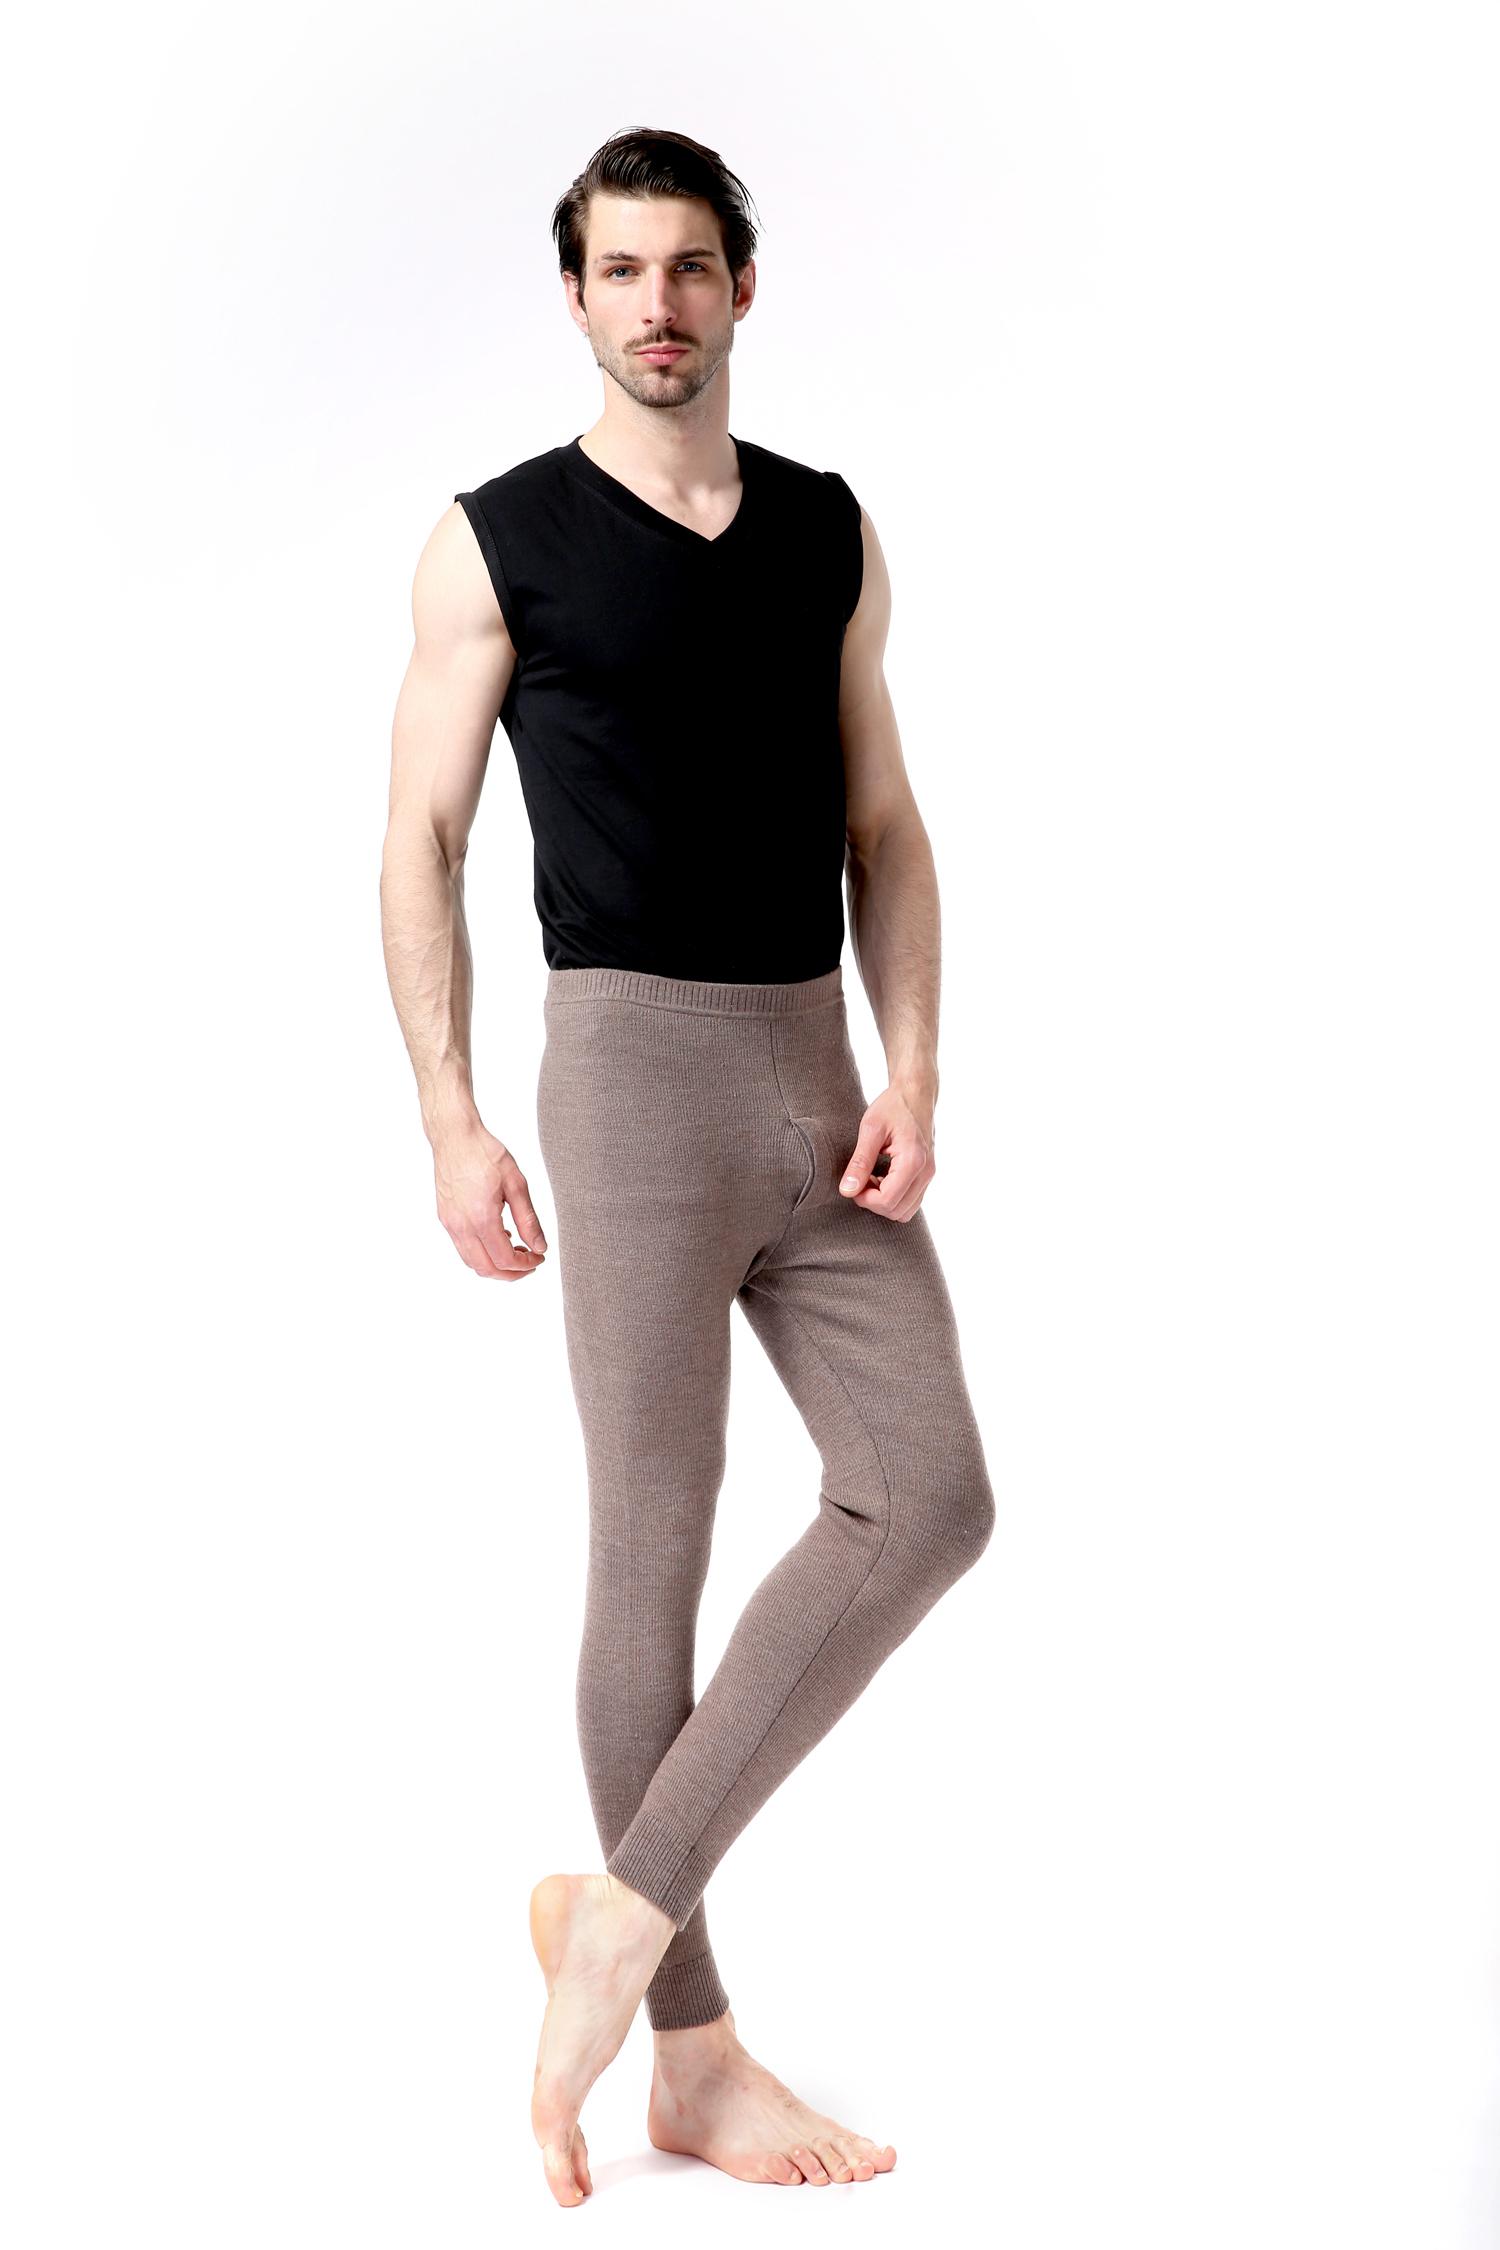 优惠的打底裤——品牌好的都兰诺斯澳毛男抽条裤购买技巧